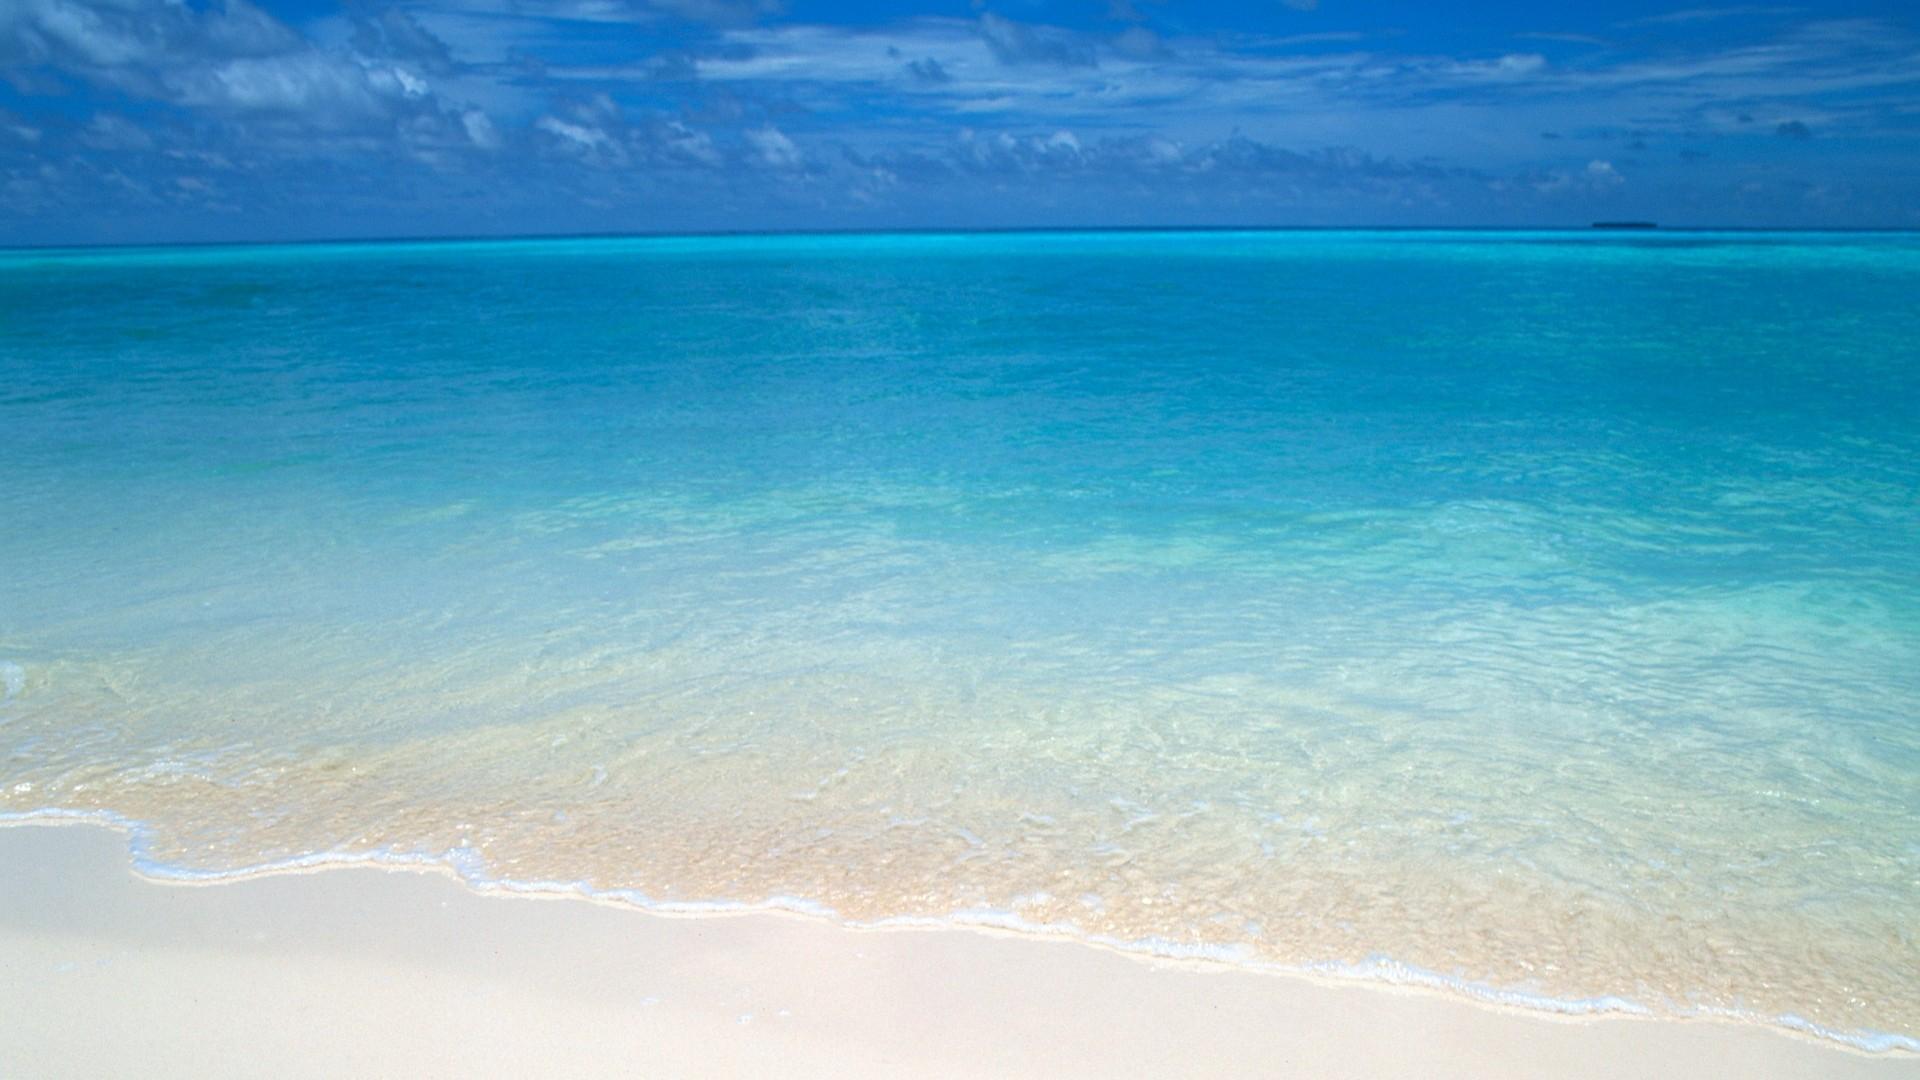 马尔代夫沙滩桌面壁纸